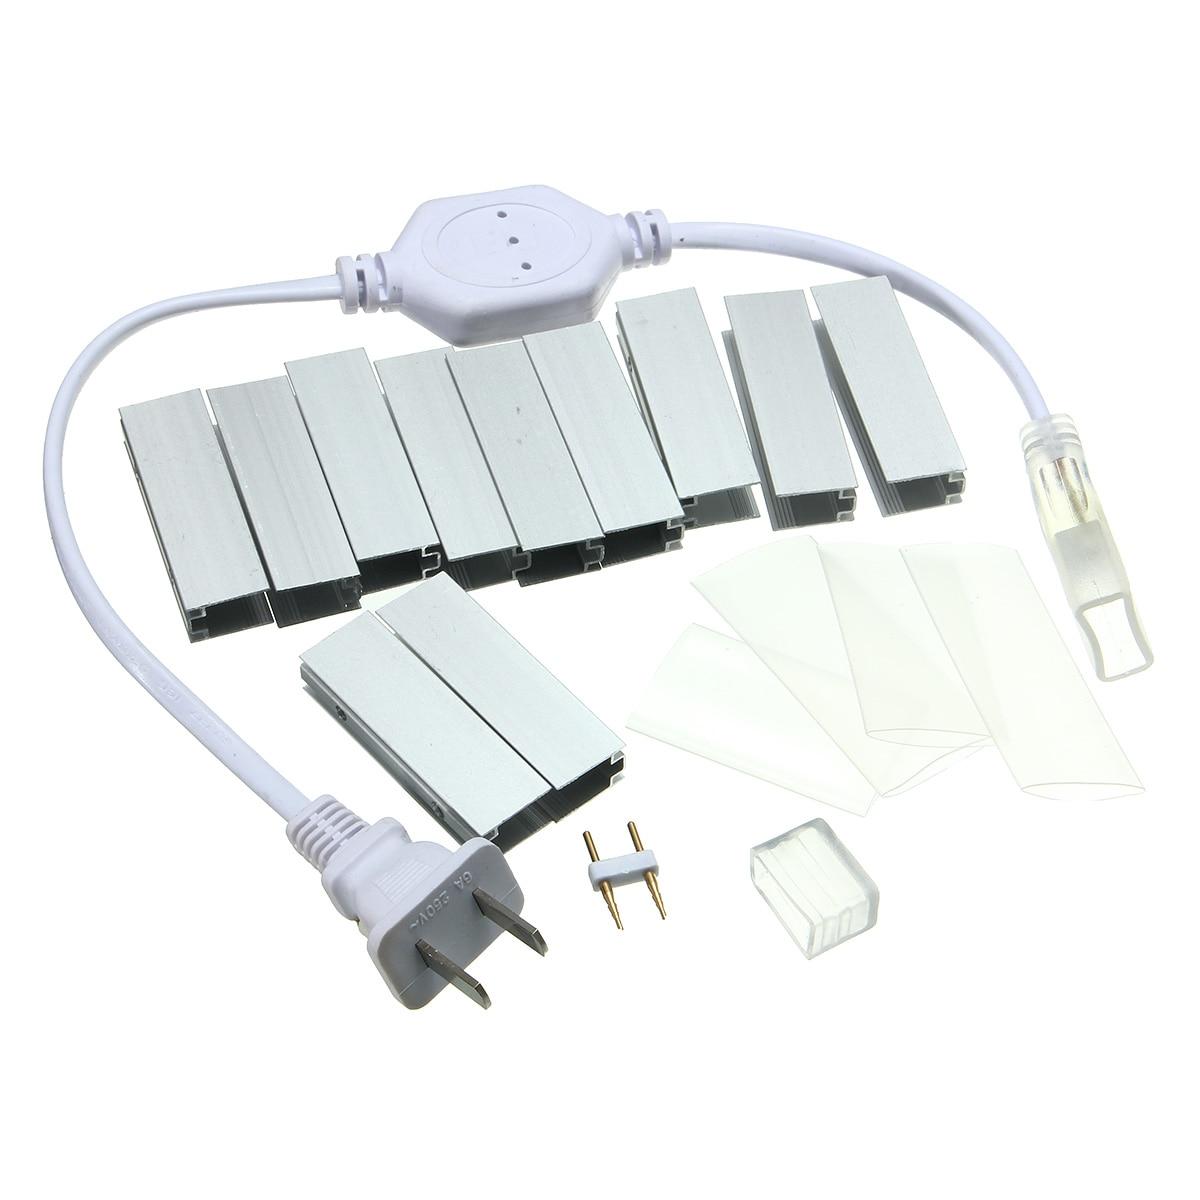 Возможностью погружения на глубину до 30 м Светодиодные ленты 110V 2835 IP67 Водонепроницаемый Гибкая светодиодная неоновая лента веревка штепсельная вилка американского стандарта полосы света открытый светодиодный освещение - 3